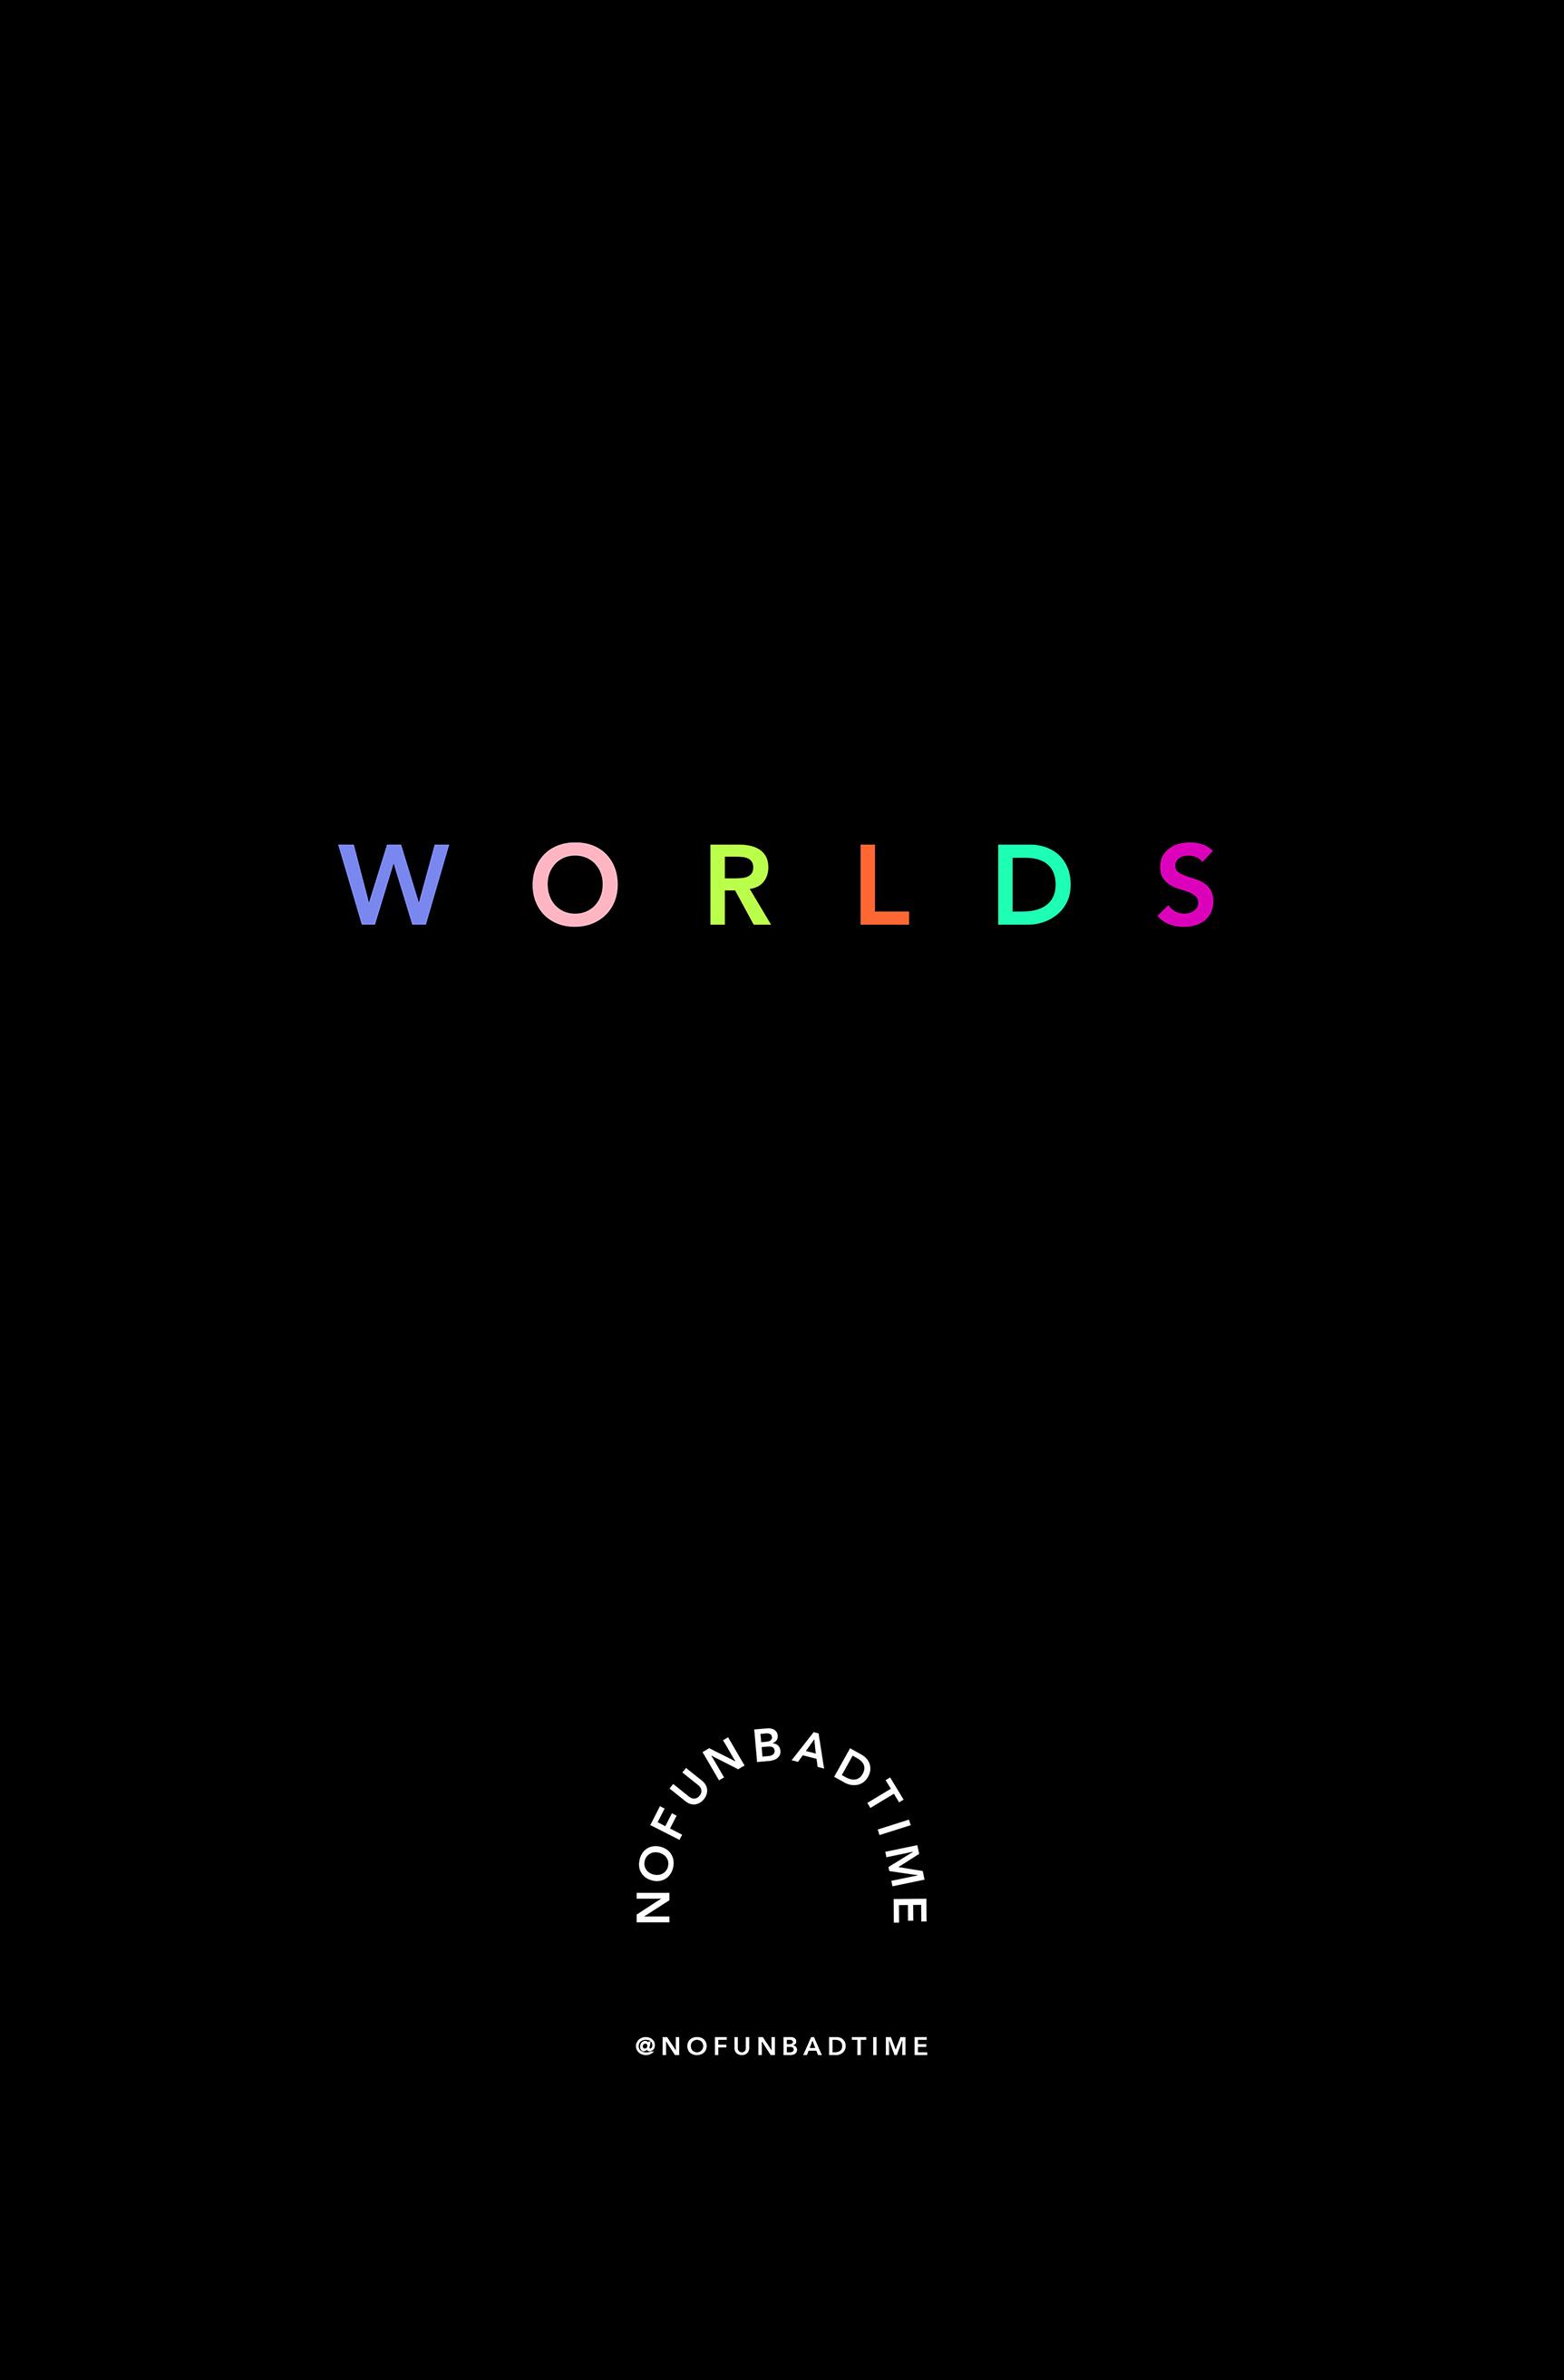 1worldscover_2.jpg